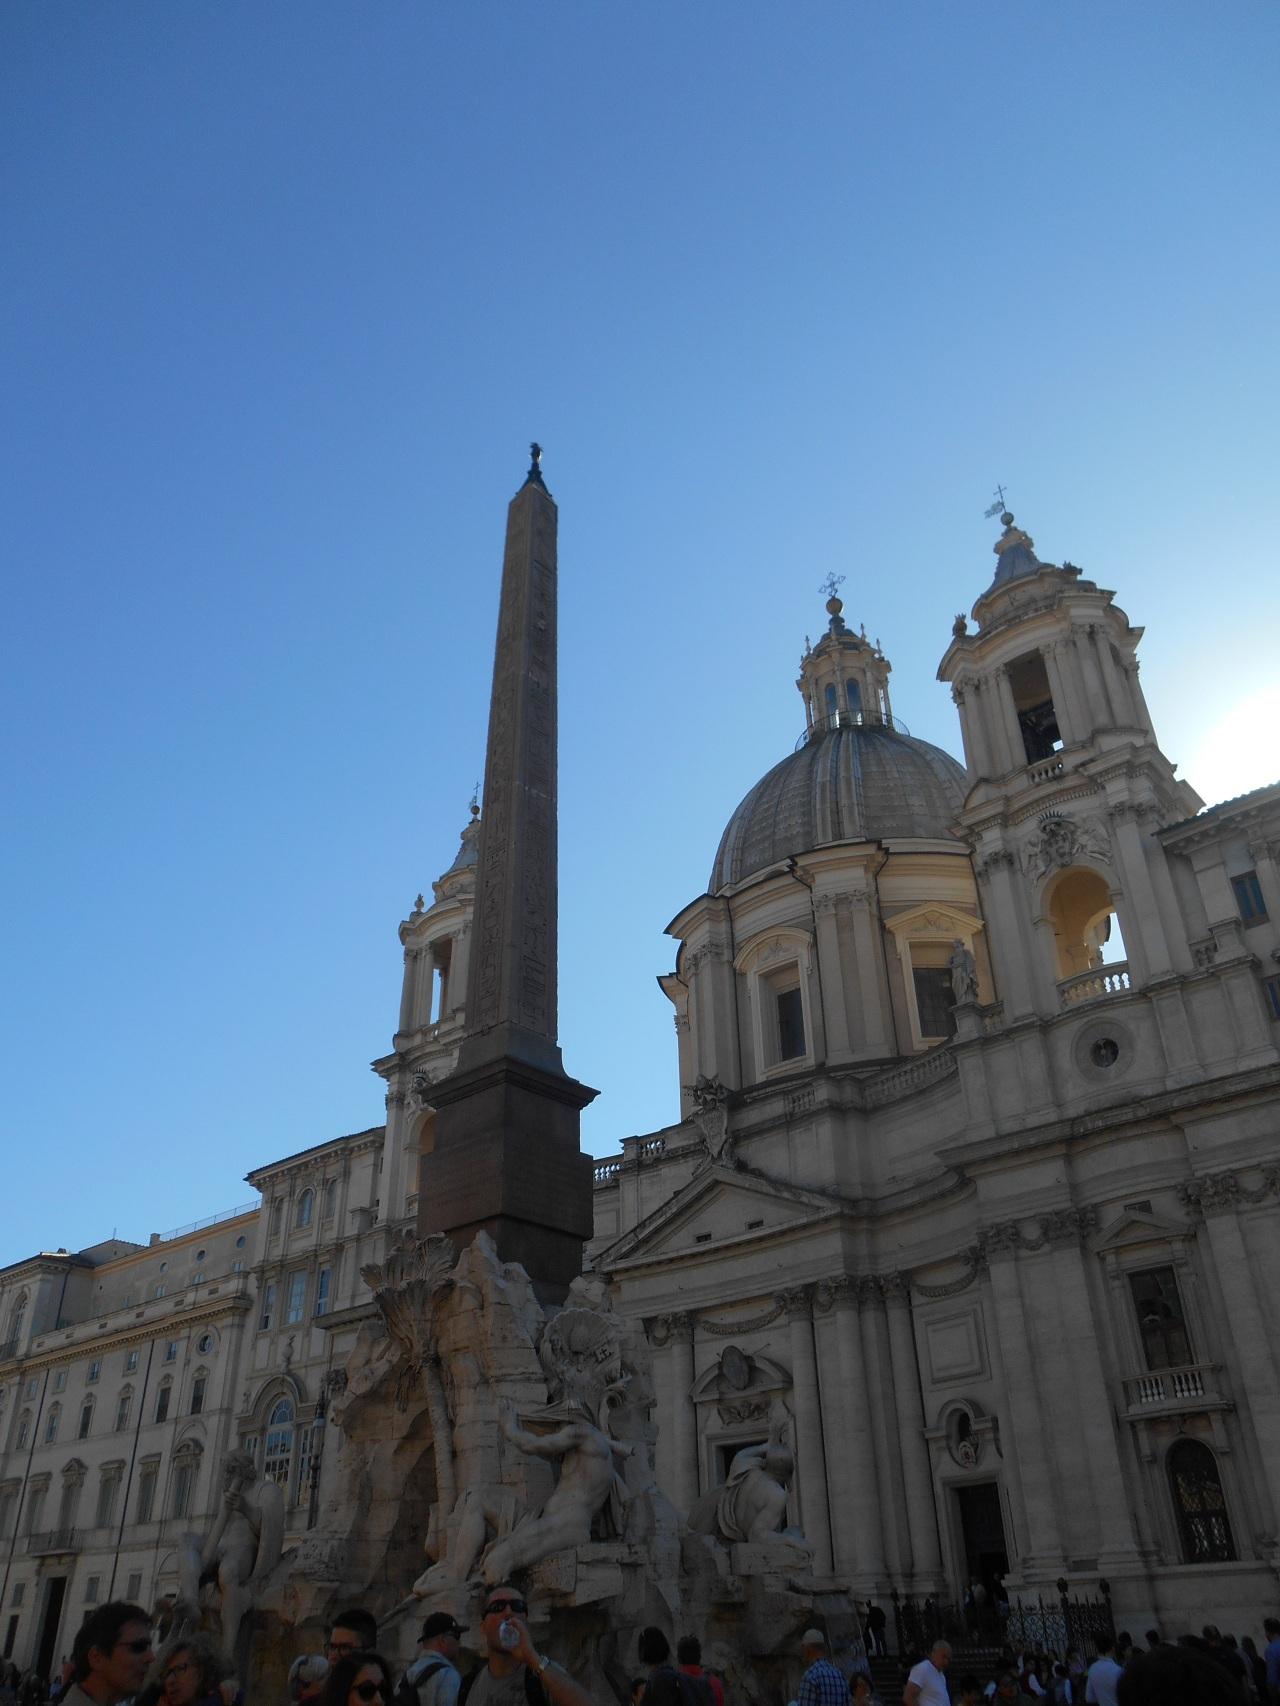 piazza-navona-rome.jpg